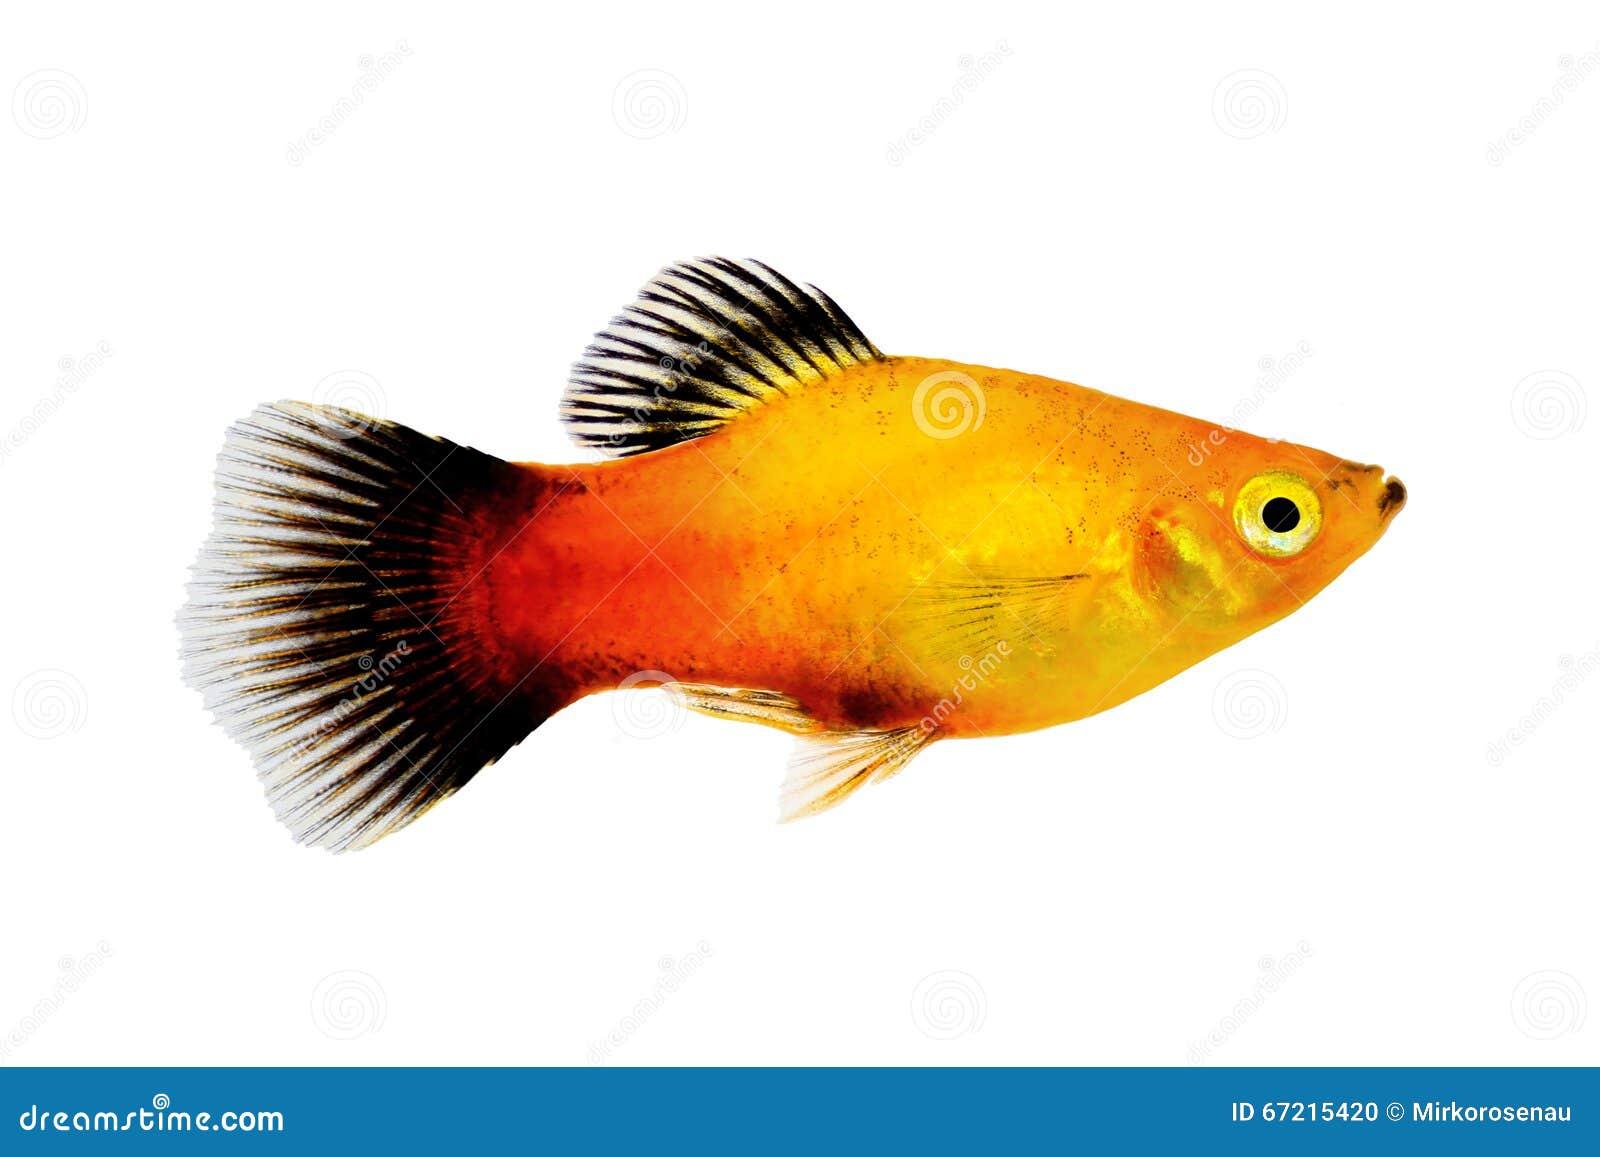 Sunburst platy samiec Xiphophorus maculatus akwarium tropikalna ryba